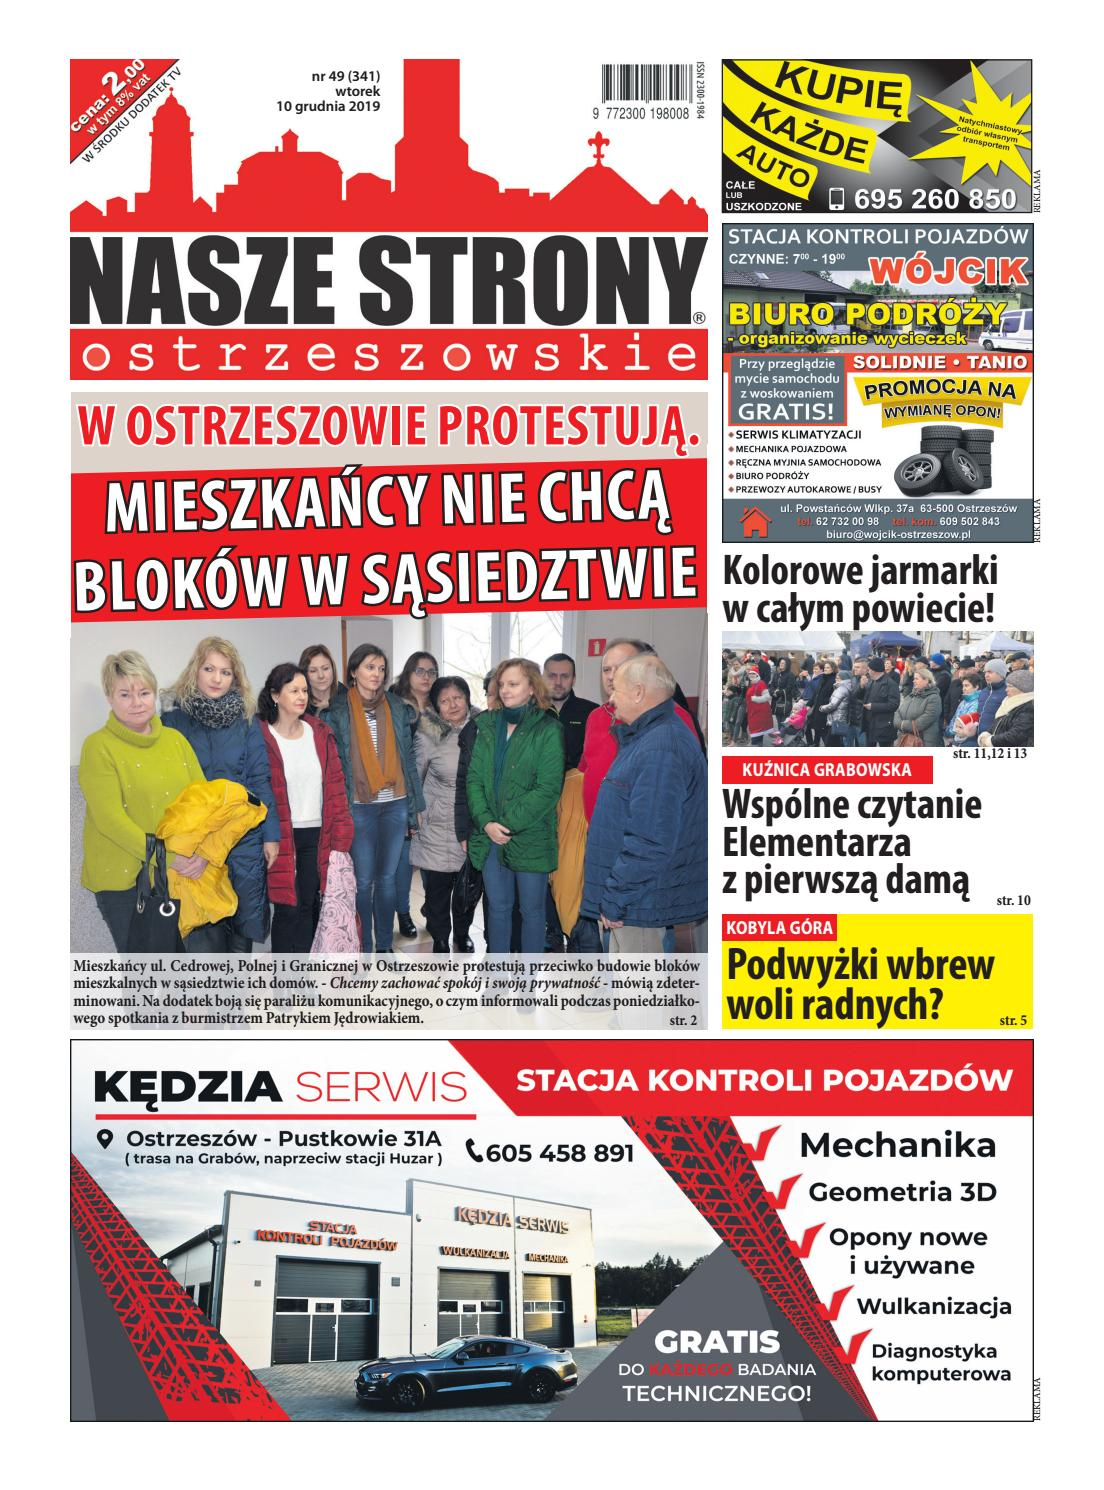 Wyniki wyszukiwania - Lublin - whineymomma.com